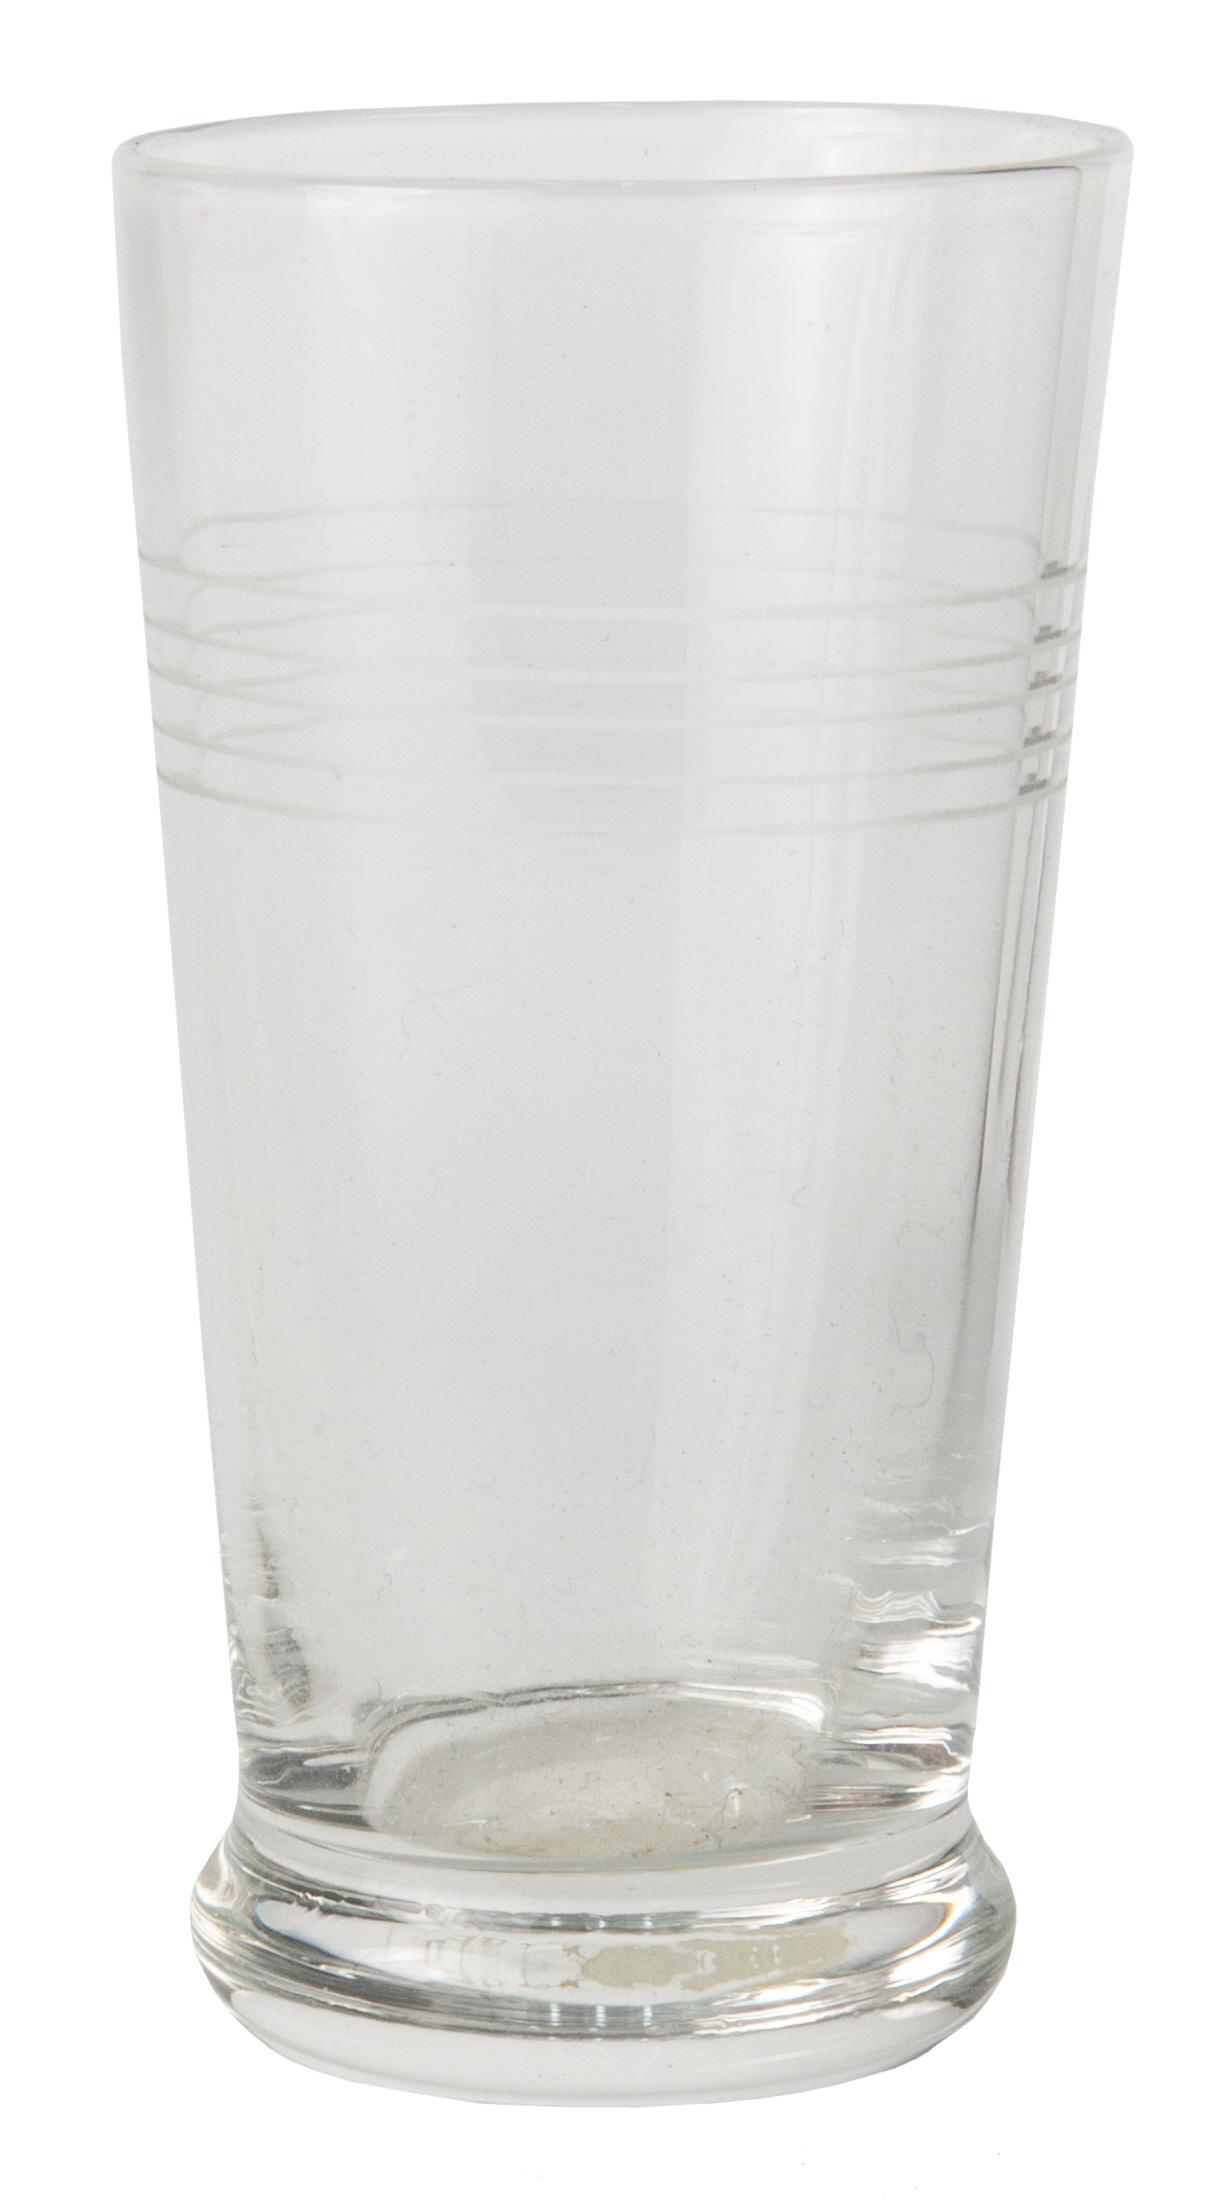 Glas von Krpata, Margit Z